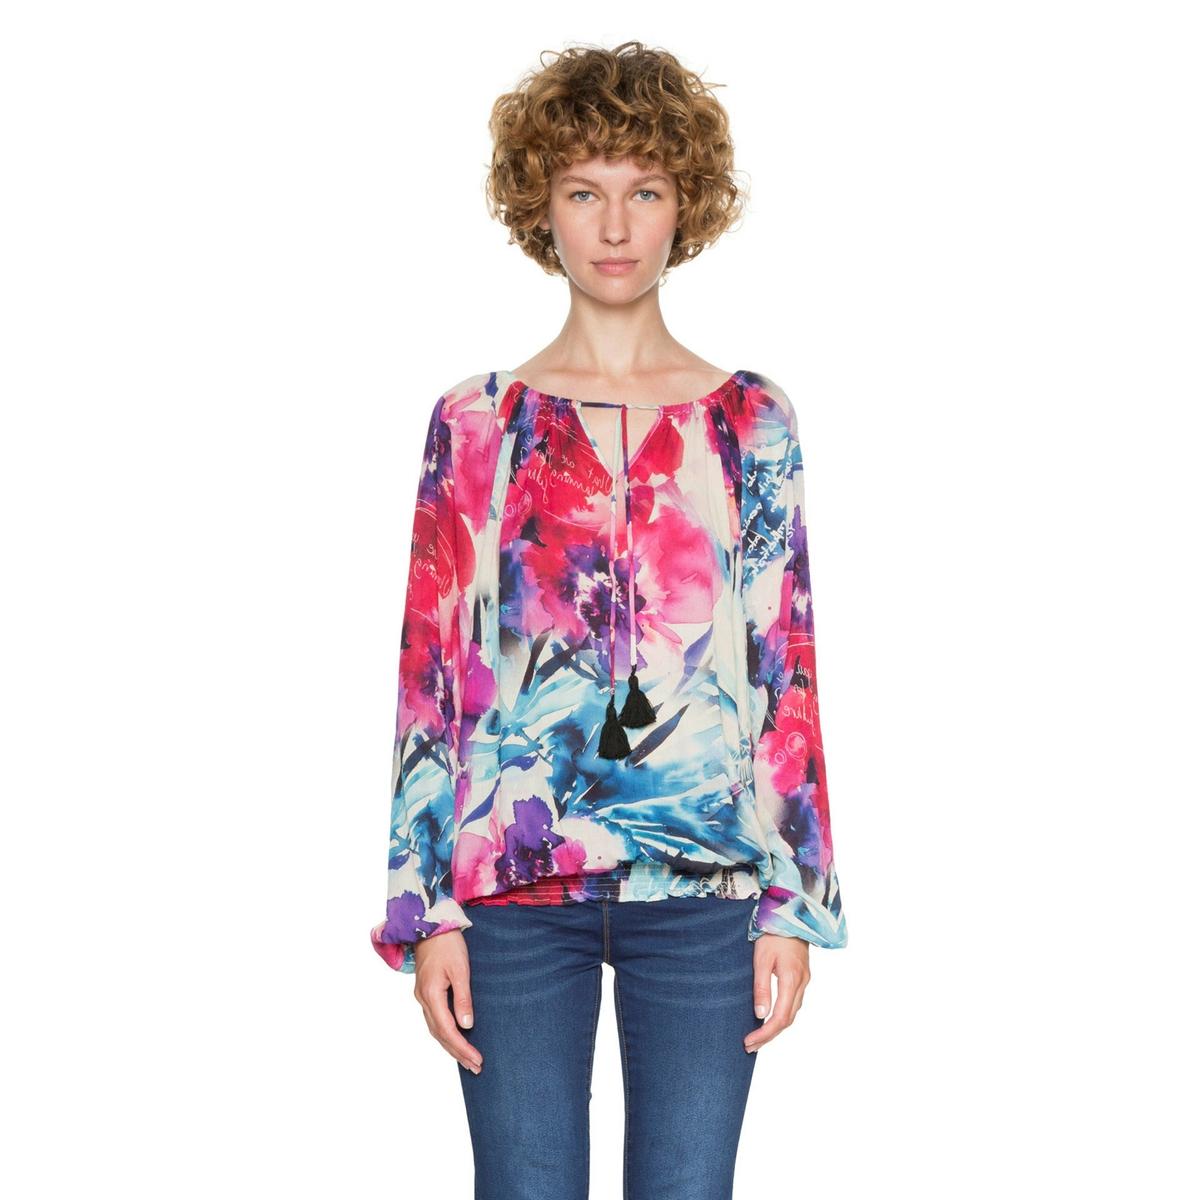 Блузка DESIGUAL 15513609 от LaRedoute